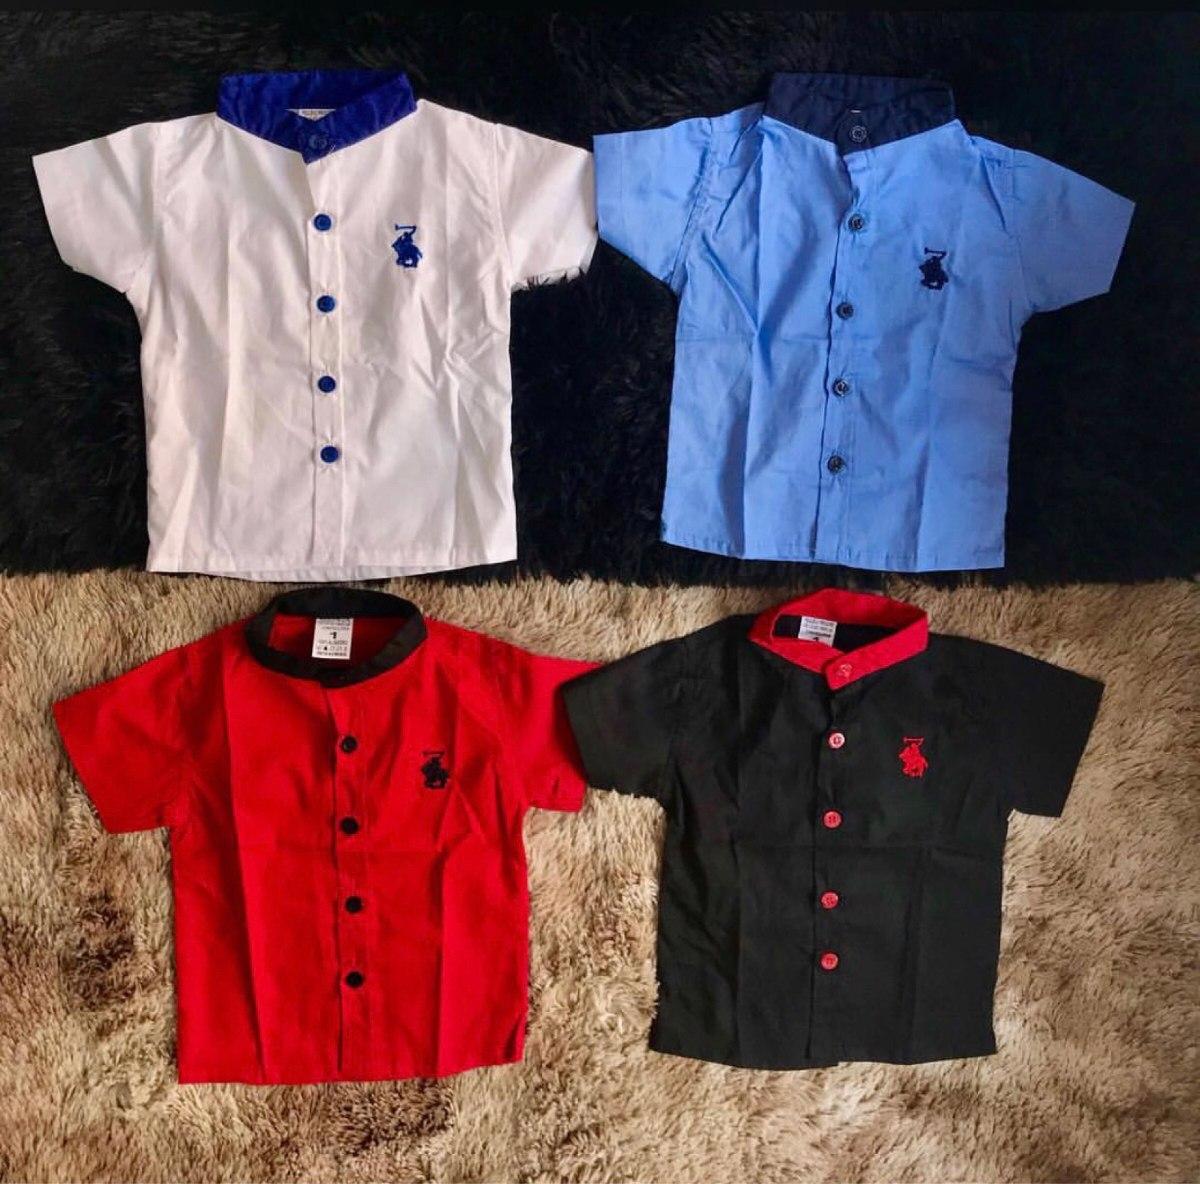 cc61fdf851e75 promoção conjunto infantil camisa gola padre,bermuda cordão. Carregando  zoom.